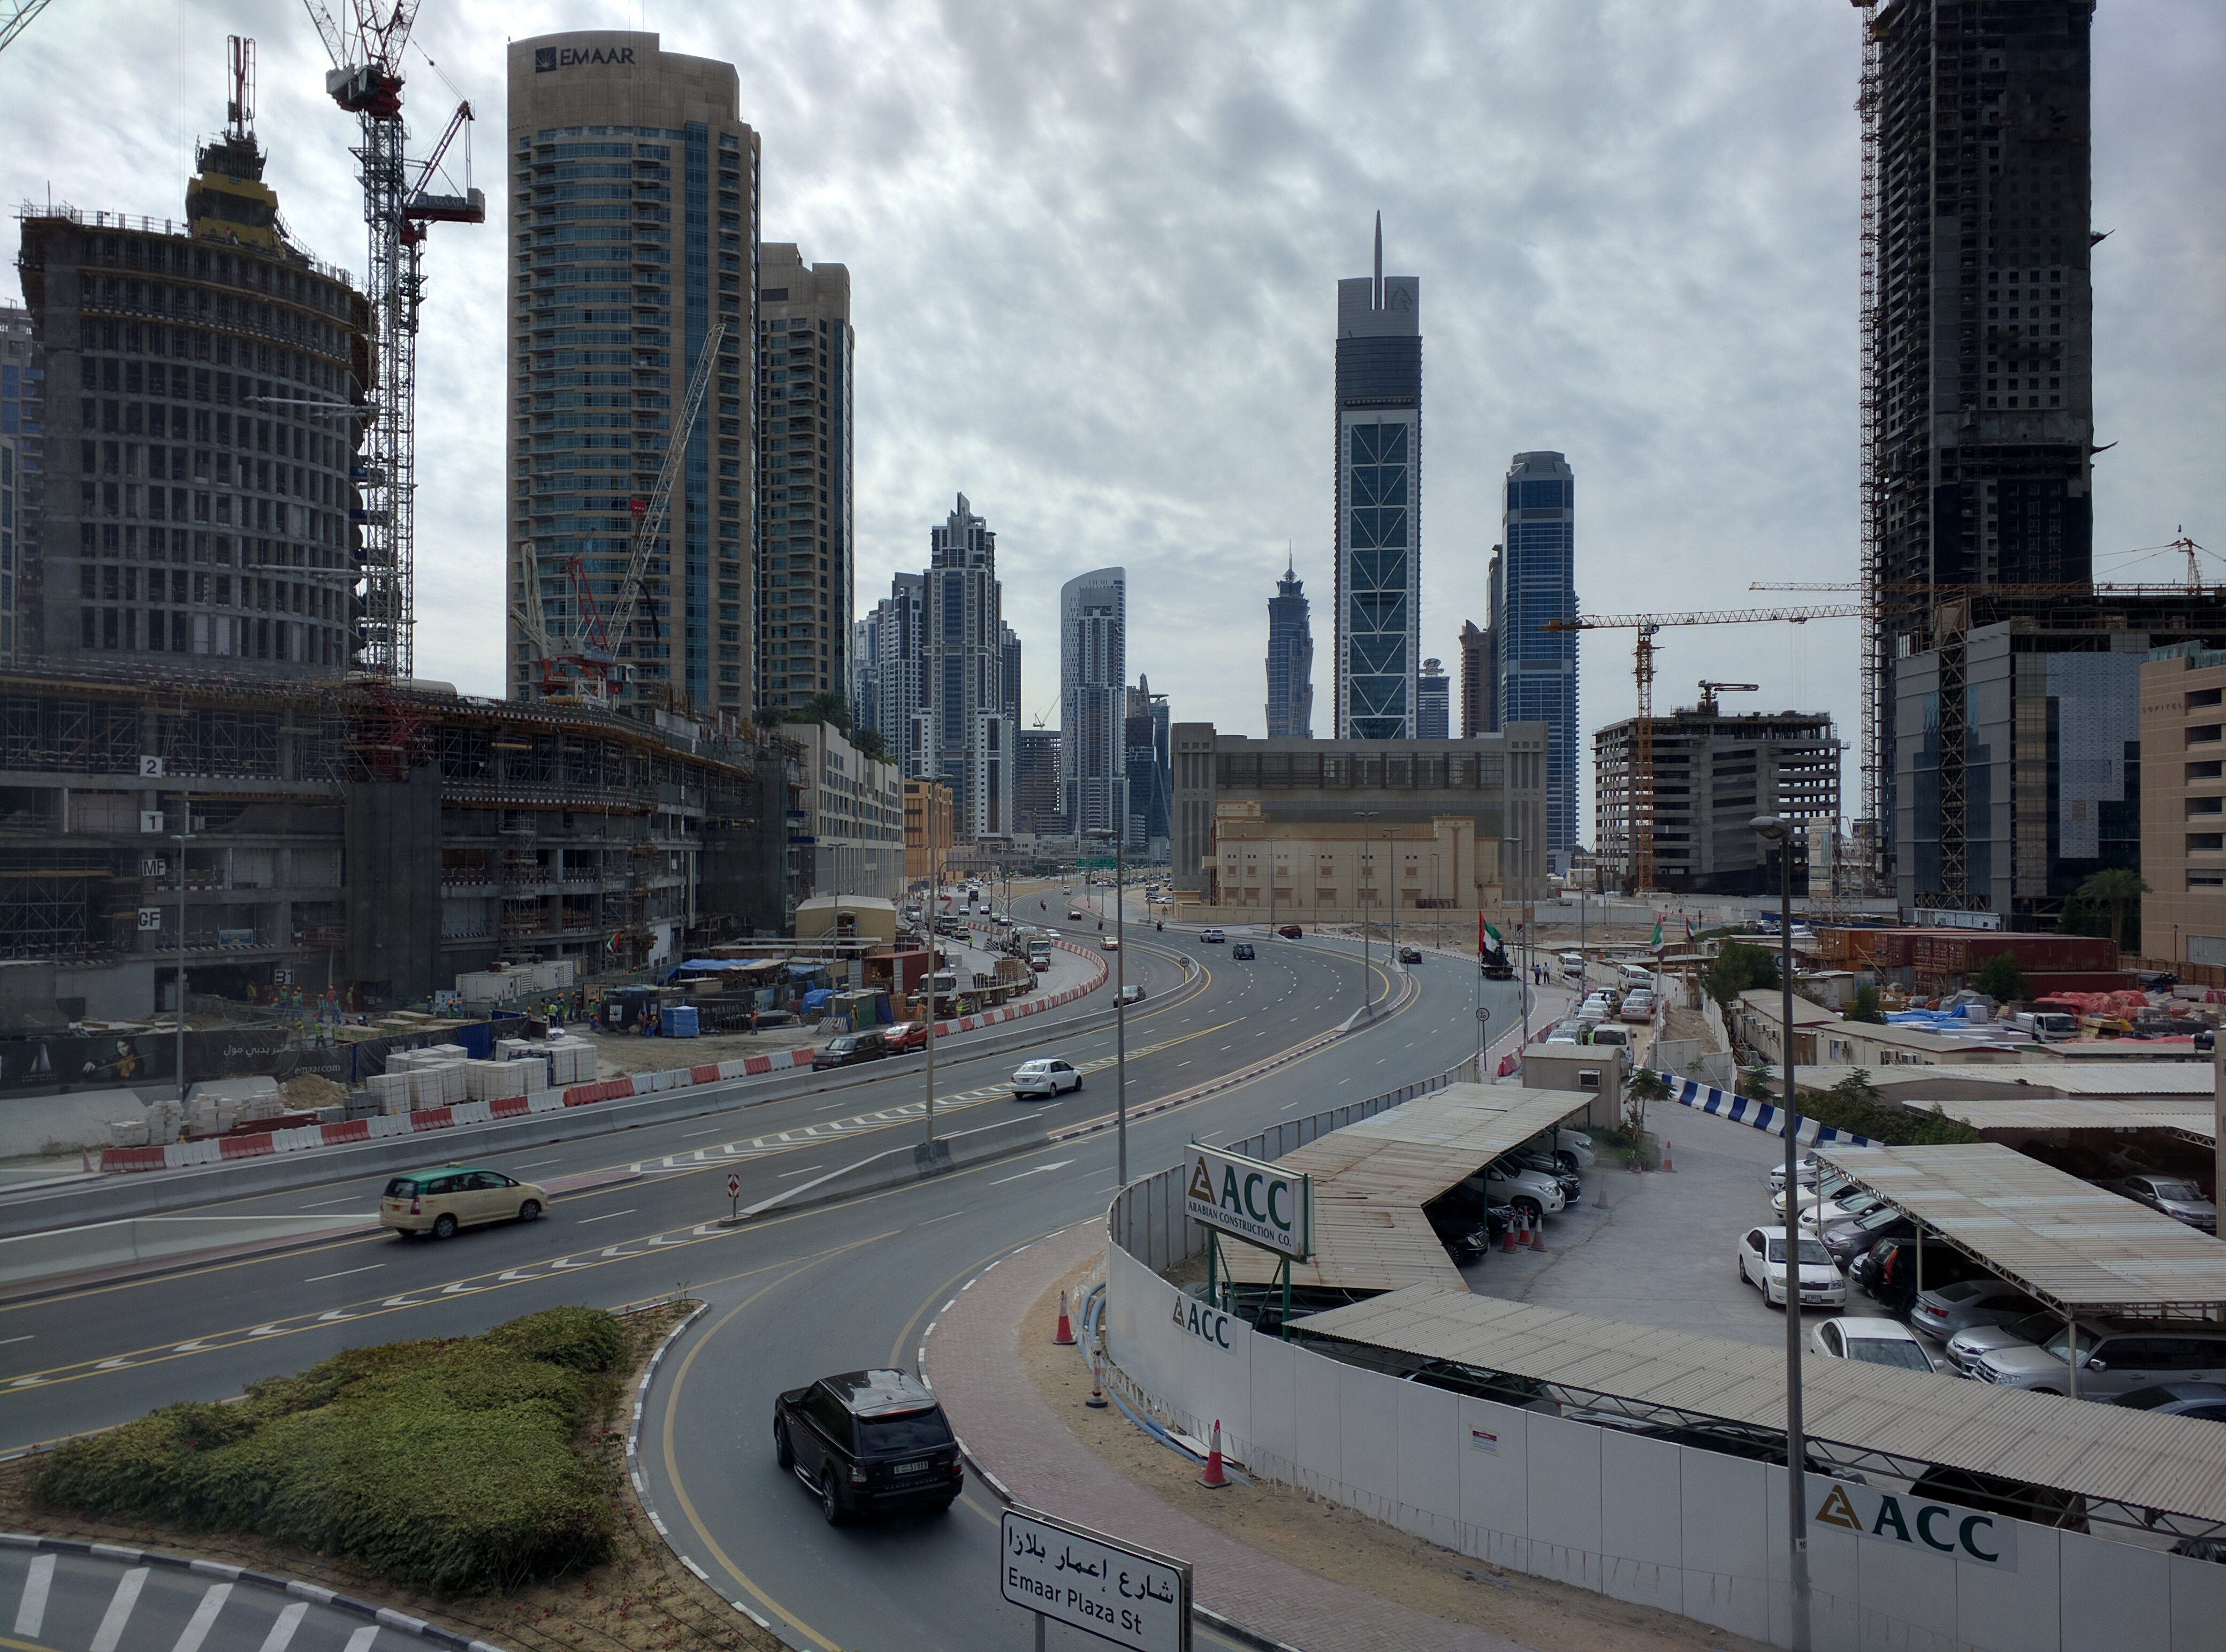 «Арабская жемчужина» или как мы удивлялись дорогам и транспорту в Дубае 3